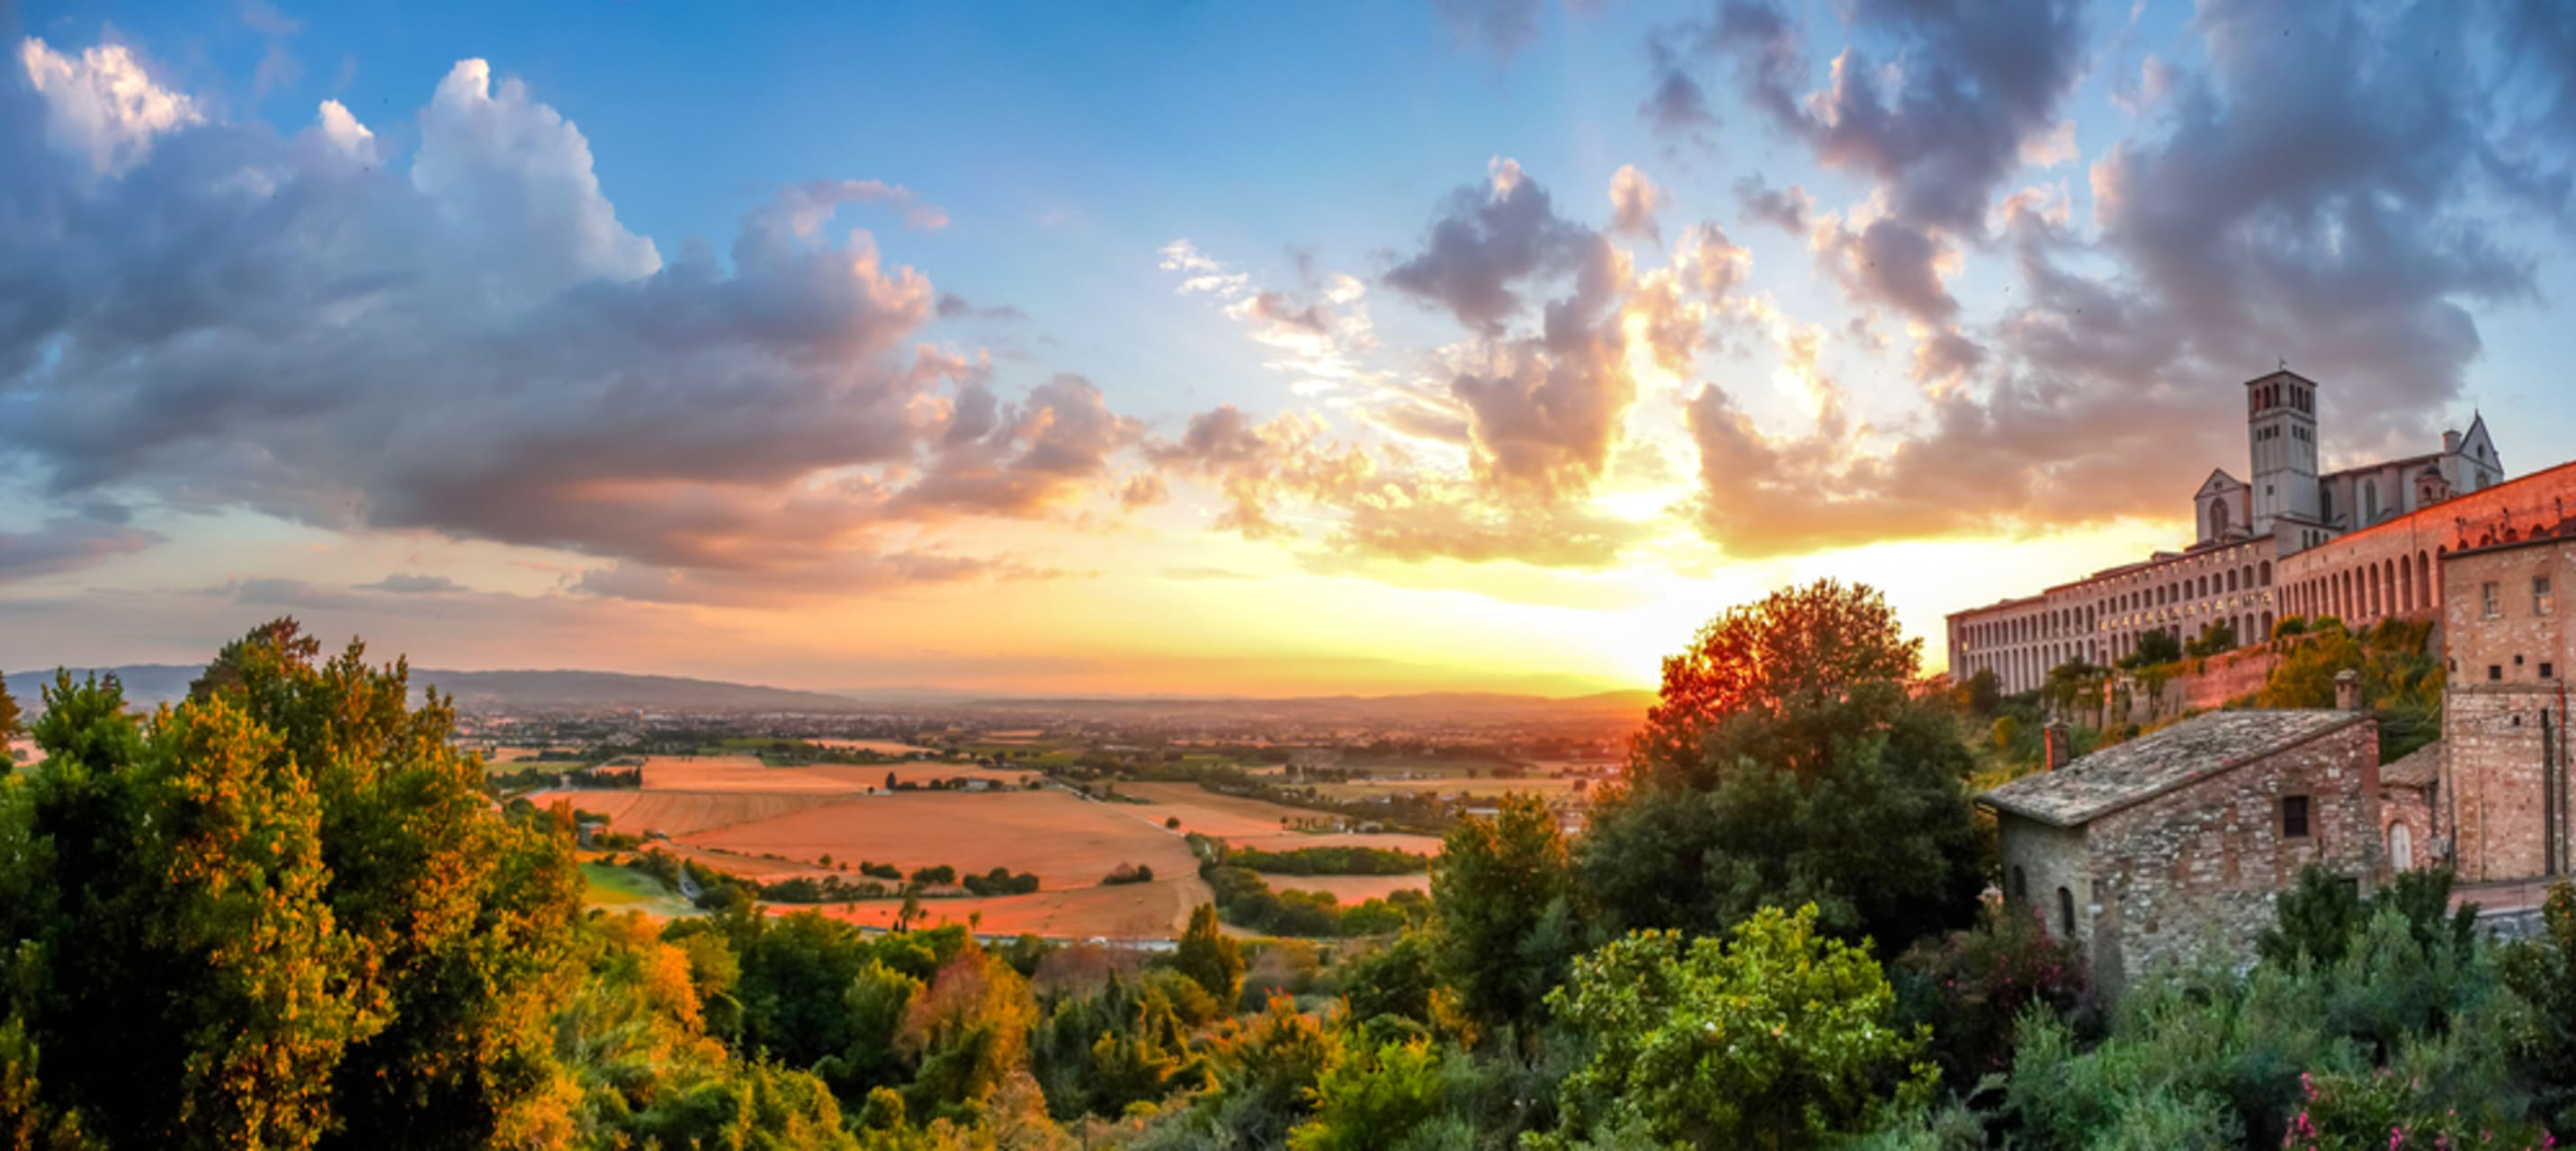 Umbria cover image